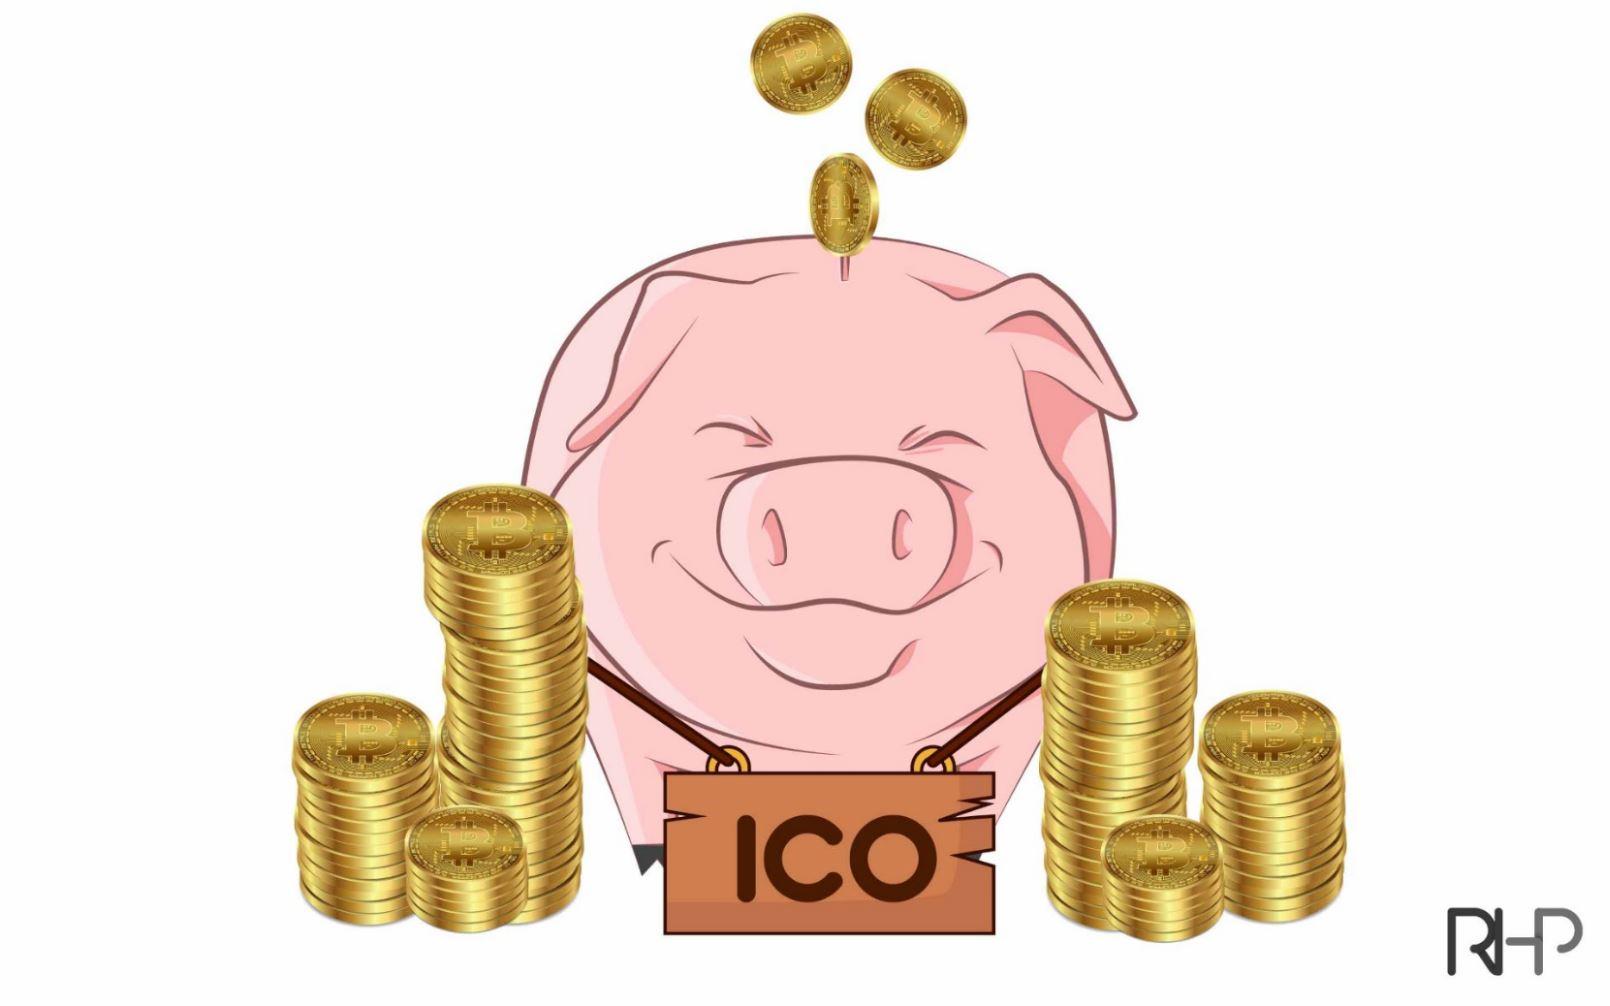 Las ICO abren la puerta a los inversionistas